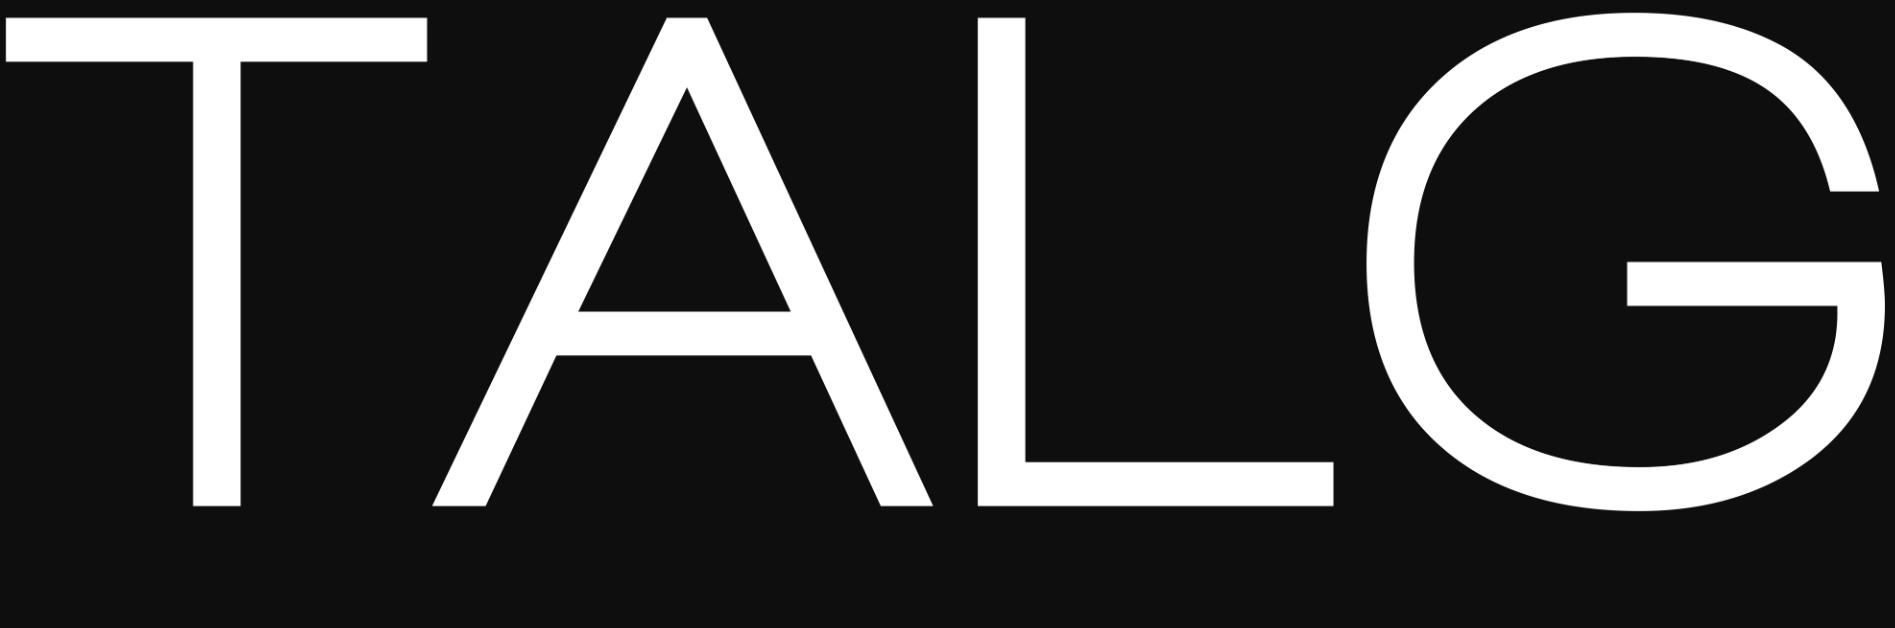 The Amin Law Group (TALG) logo